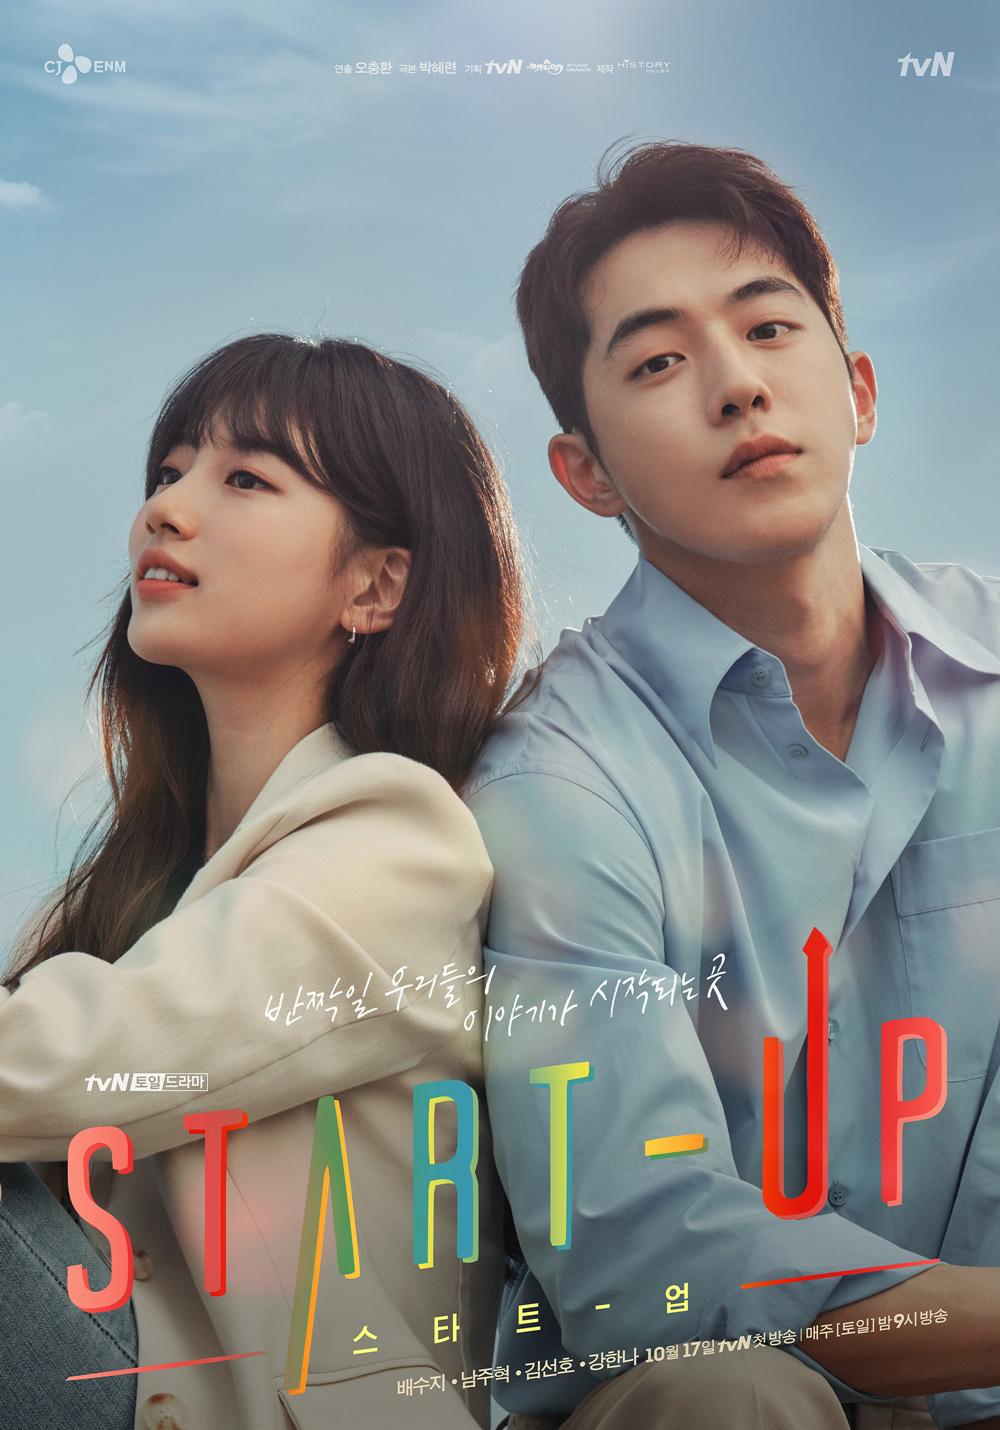 3 lí do để hóng Start Up - Chuyện tình khởi nghiệp ở thung lũng Silicon xứ Hàn của Suzy và Nam Joo Hyuk - Ảnh 2.